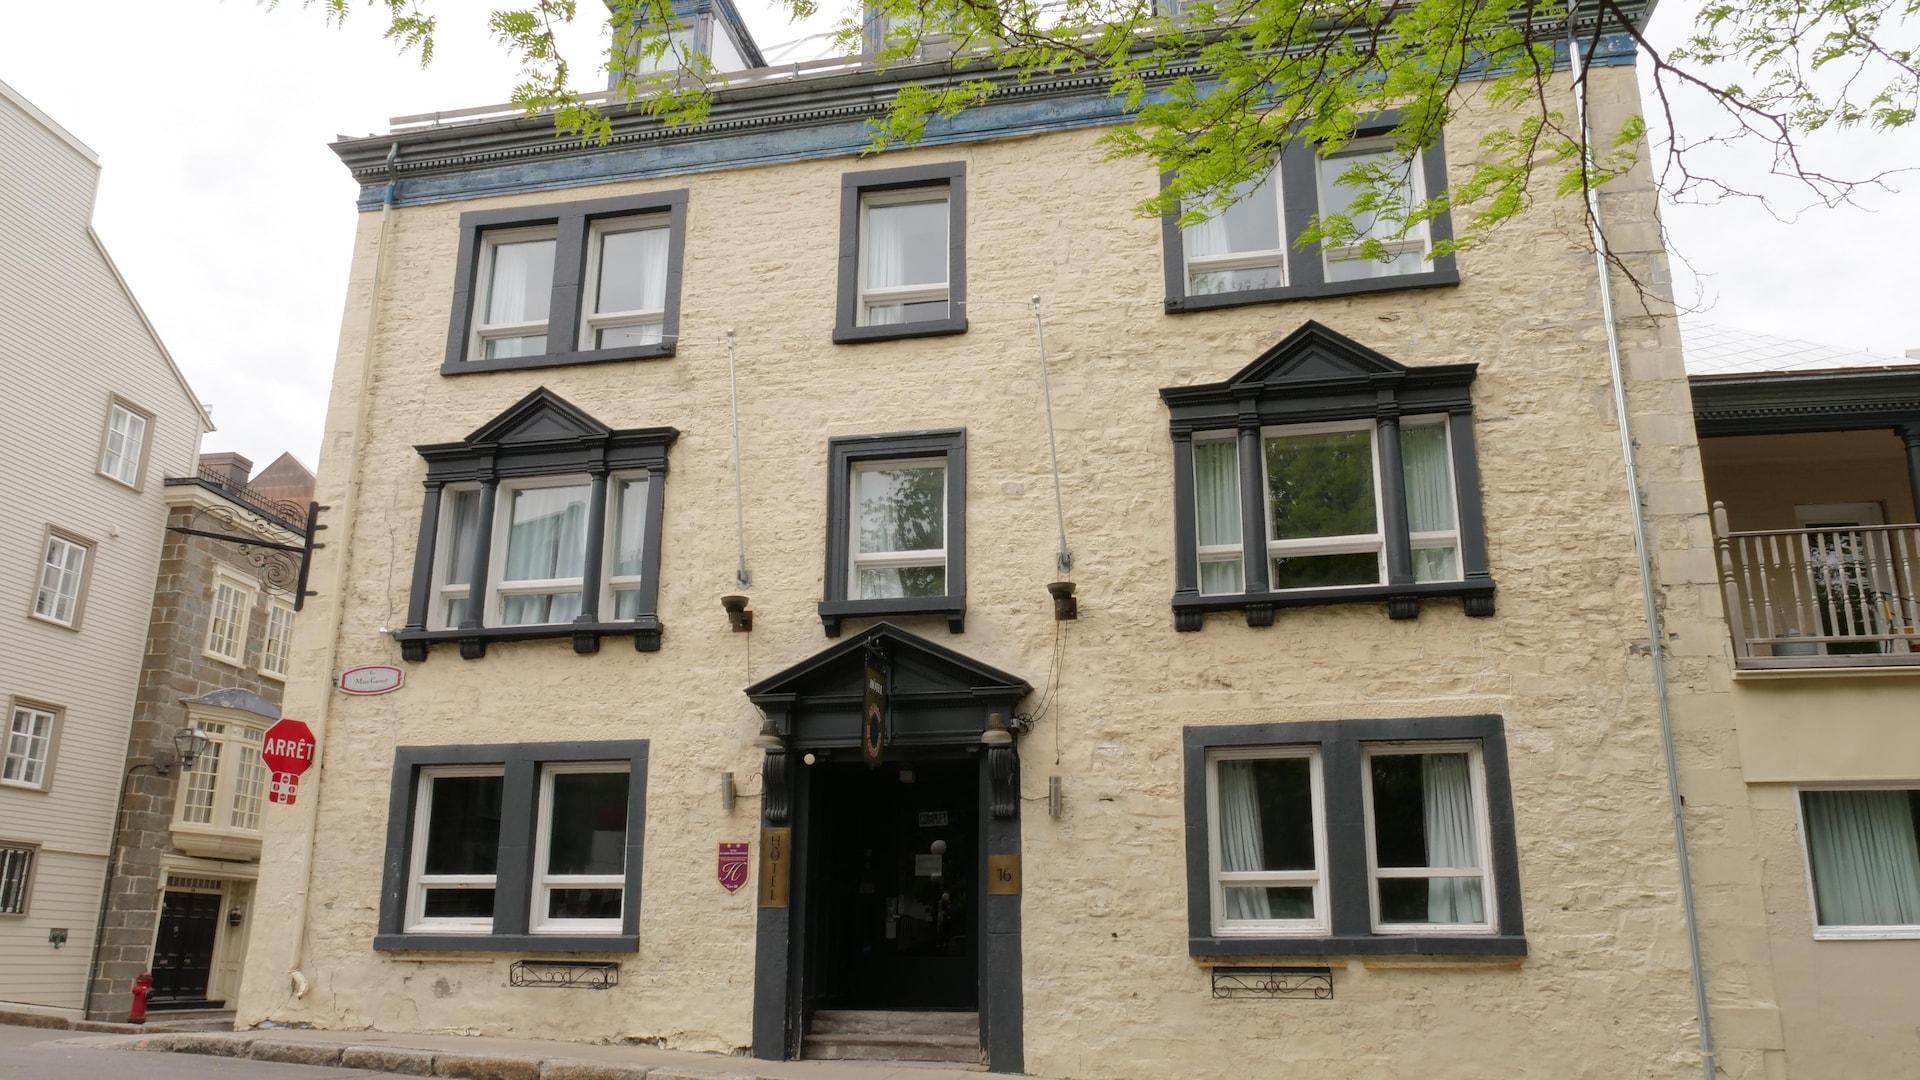 Une maison de pierre peinte couleur crème donne une jolie vue sur le parc voisin. Les larges fenêtres de l'étage et les trois lucarnes du toit lui donnent fière allure.